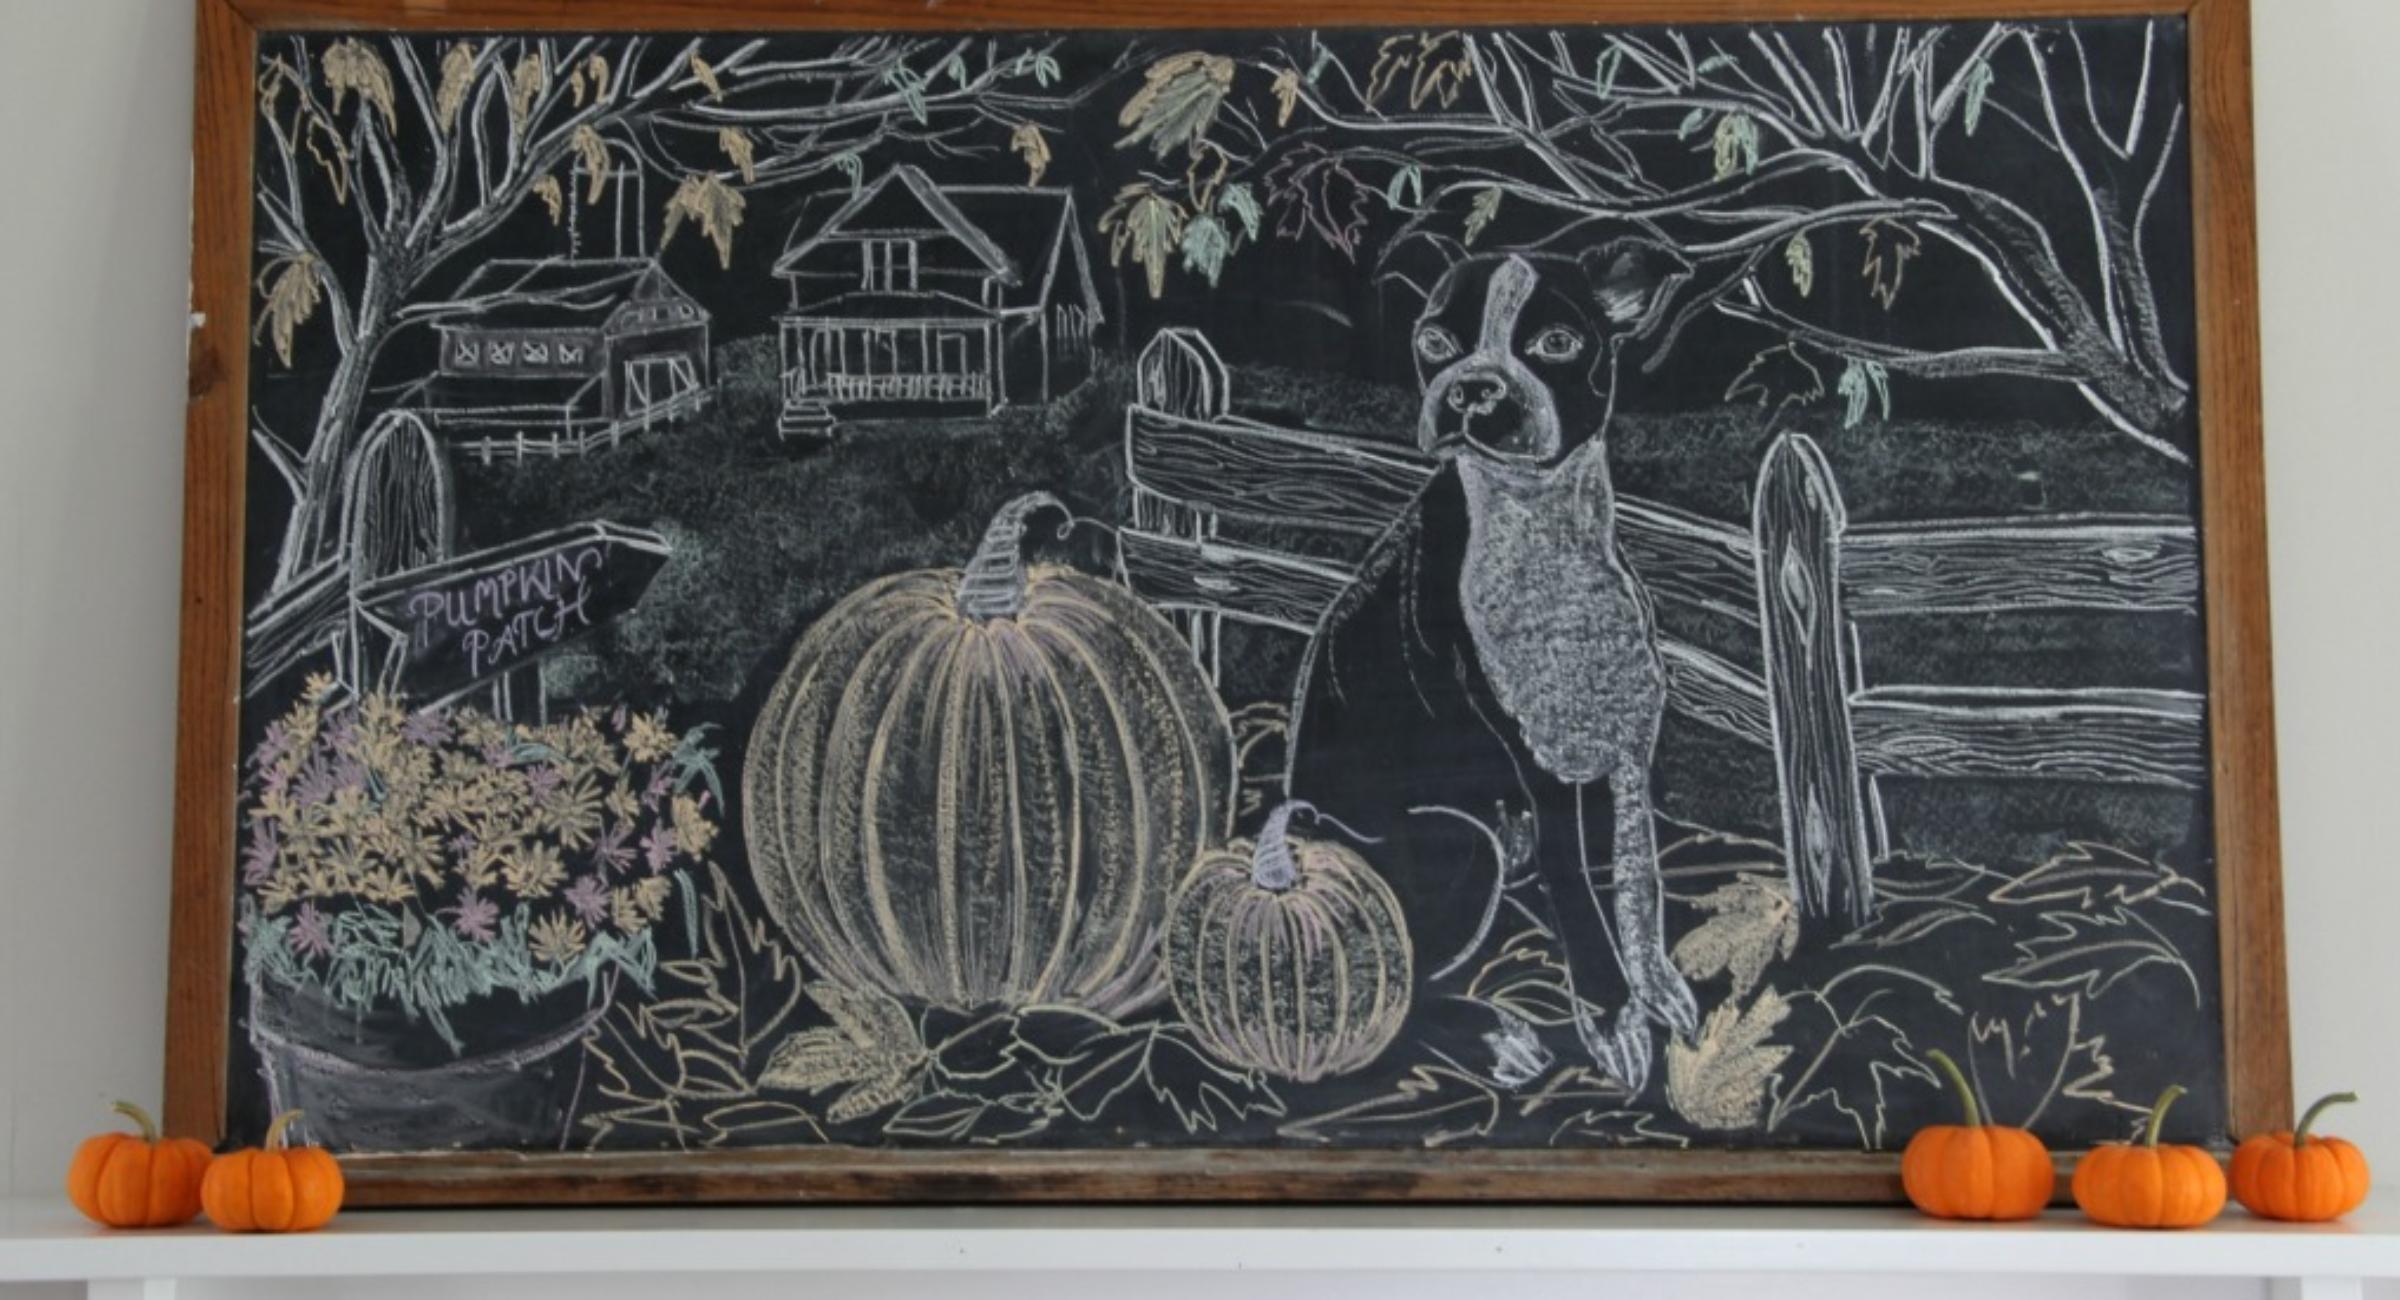 giant-fall-chalkboard-art-boston-terrier